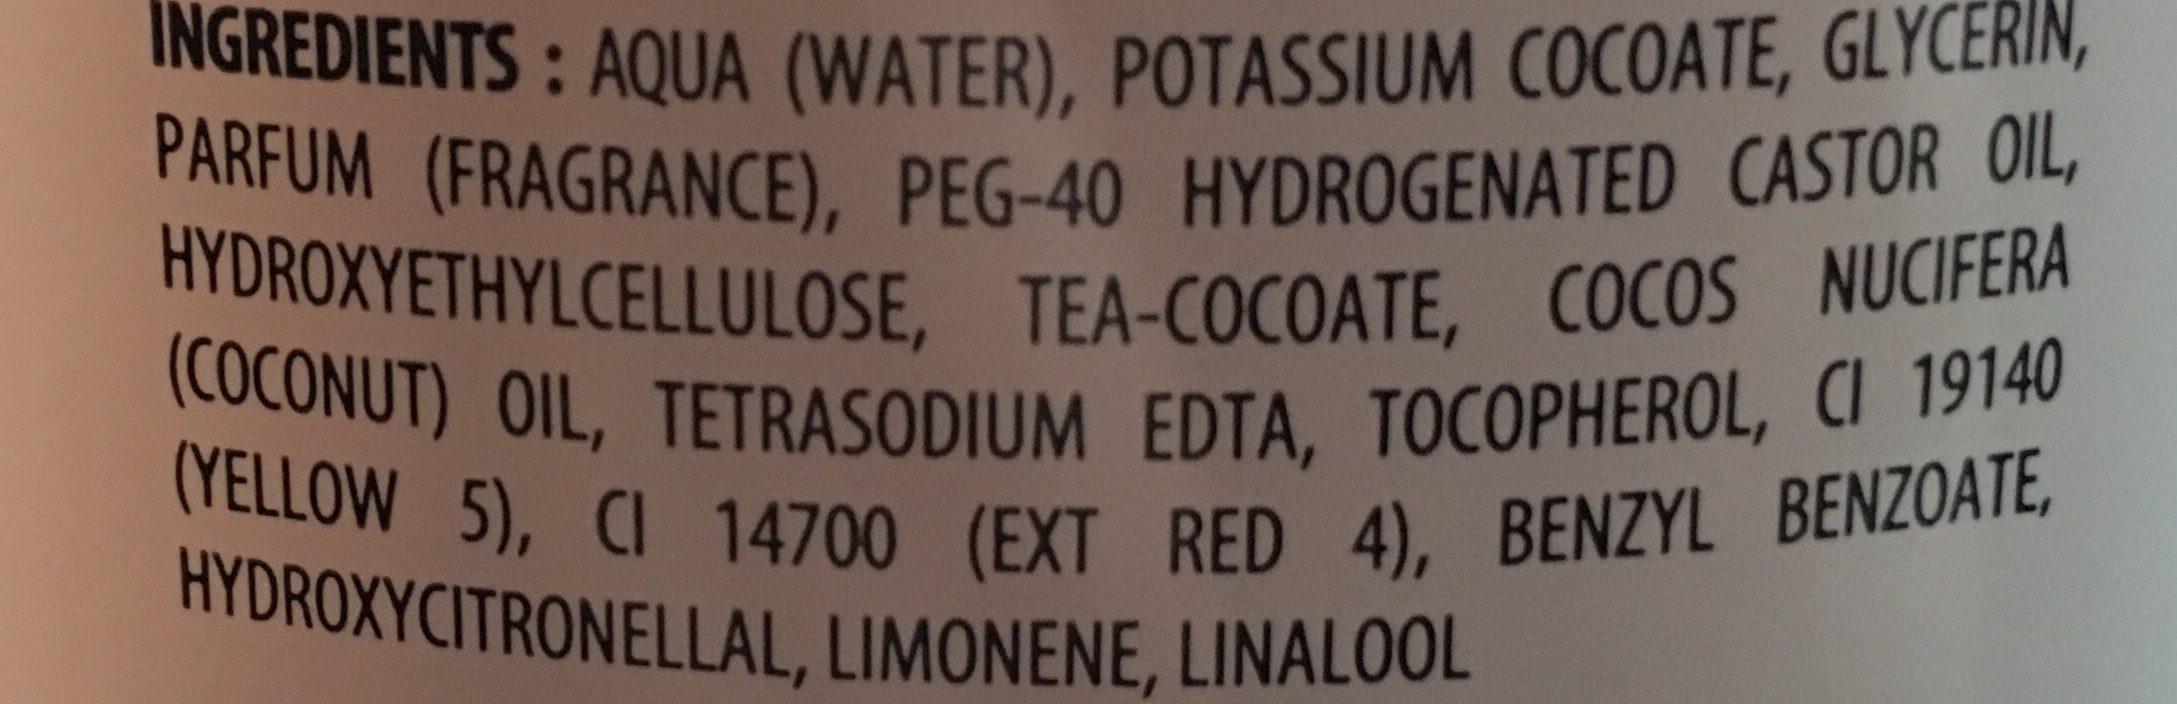 Savon Liquide De Marseille Fleur D'oranger - Ingrédients